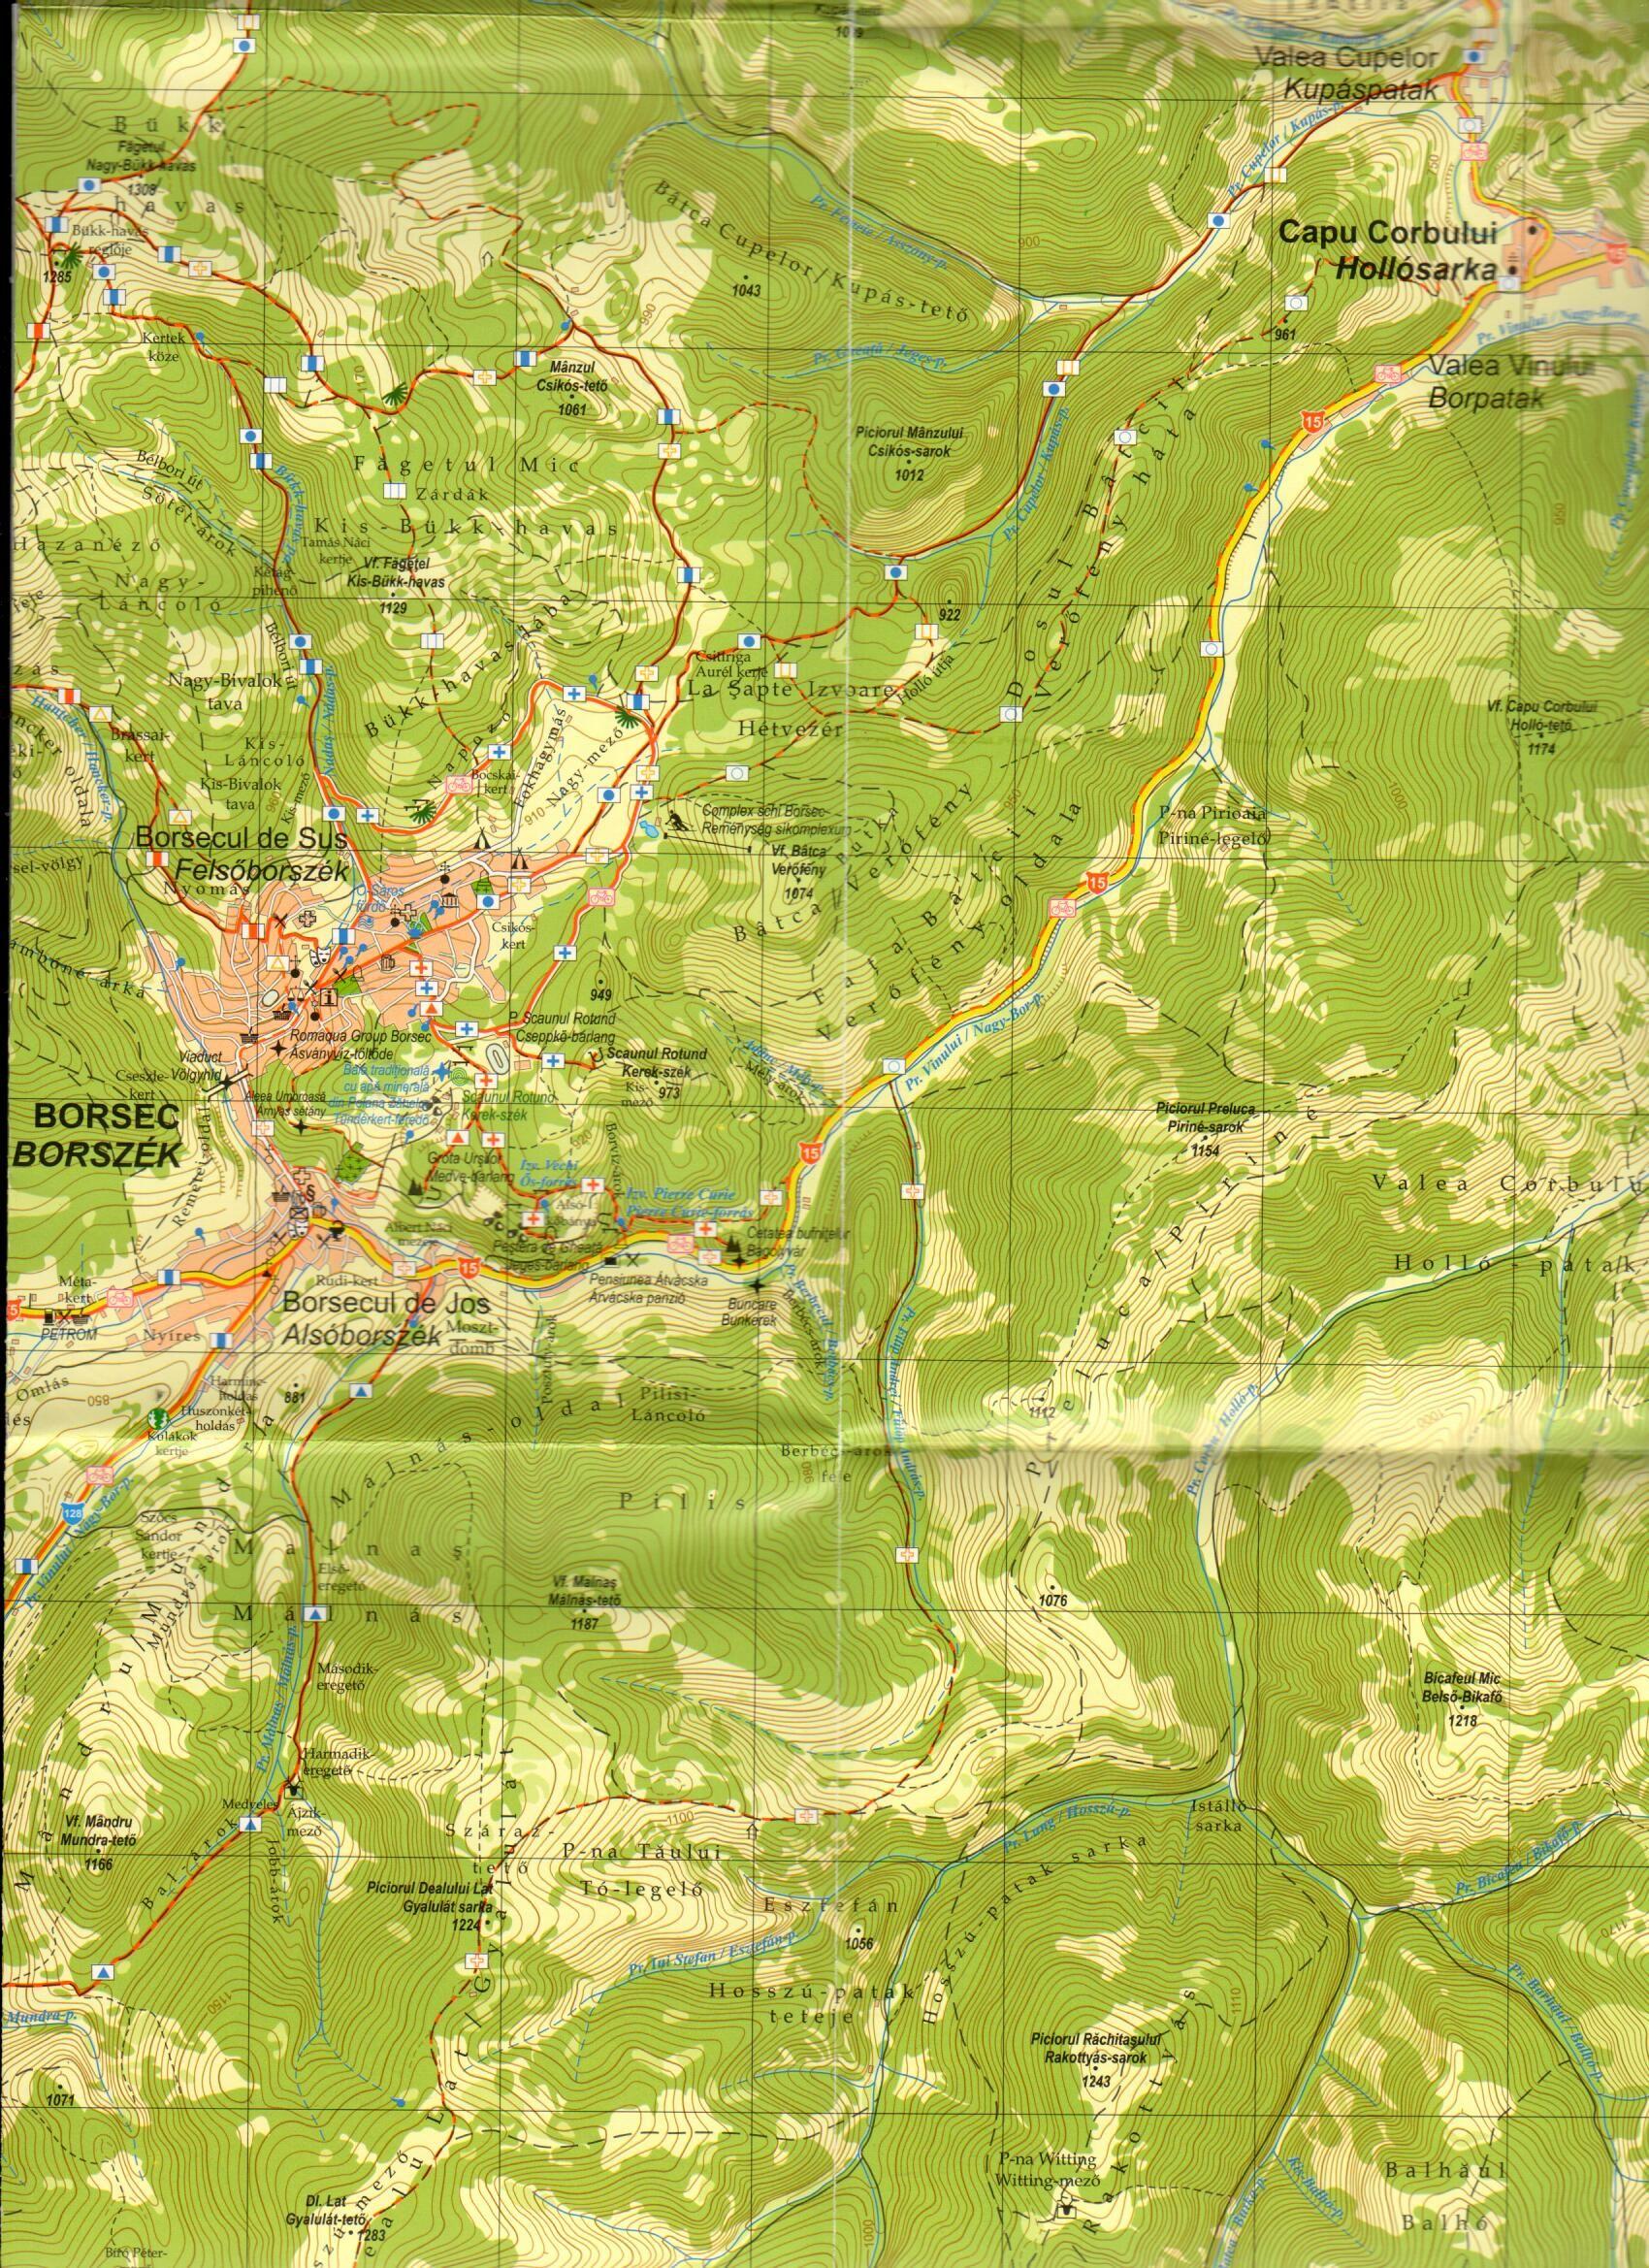 Borsec and surroundings sample map